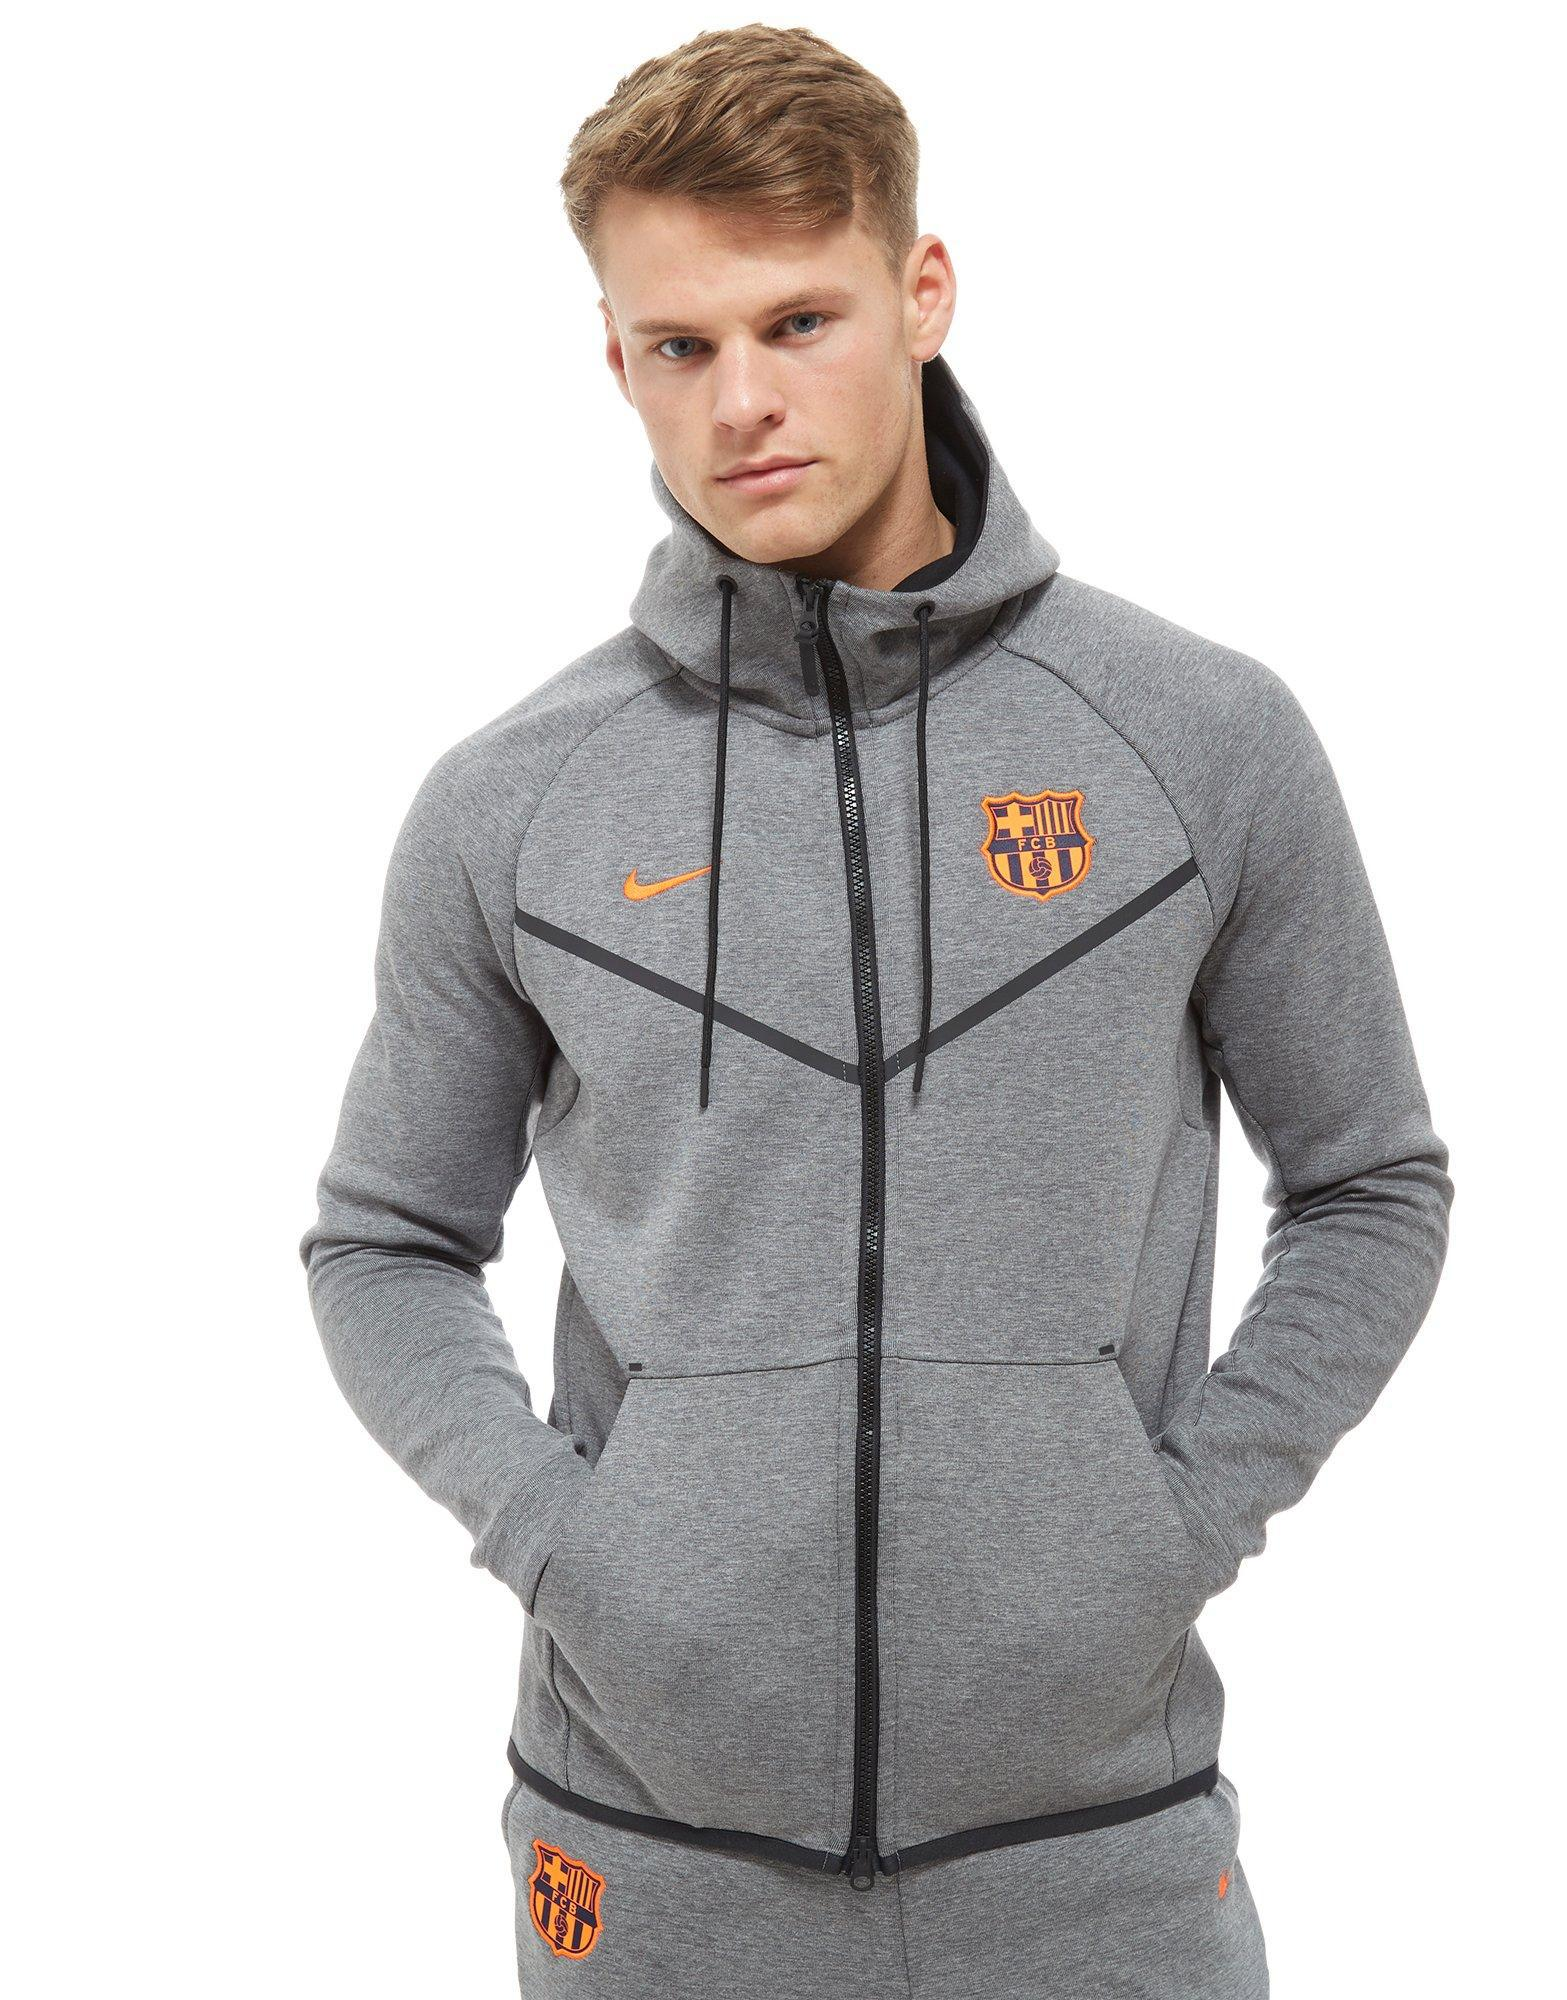 1d158d9d7 Nike Fc Barcelona Tech Hoodie in Gray for Men - Lyst